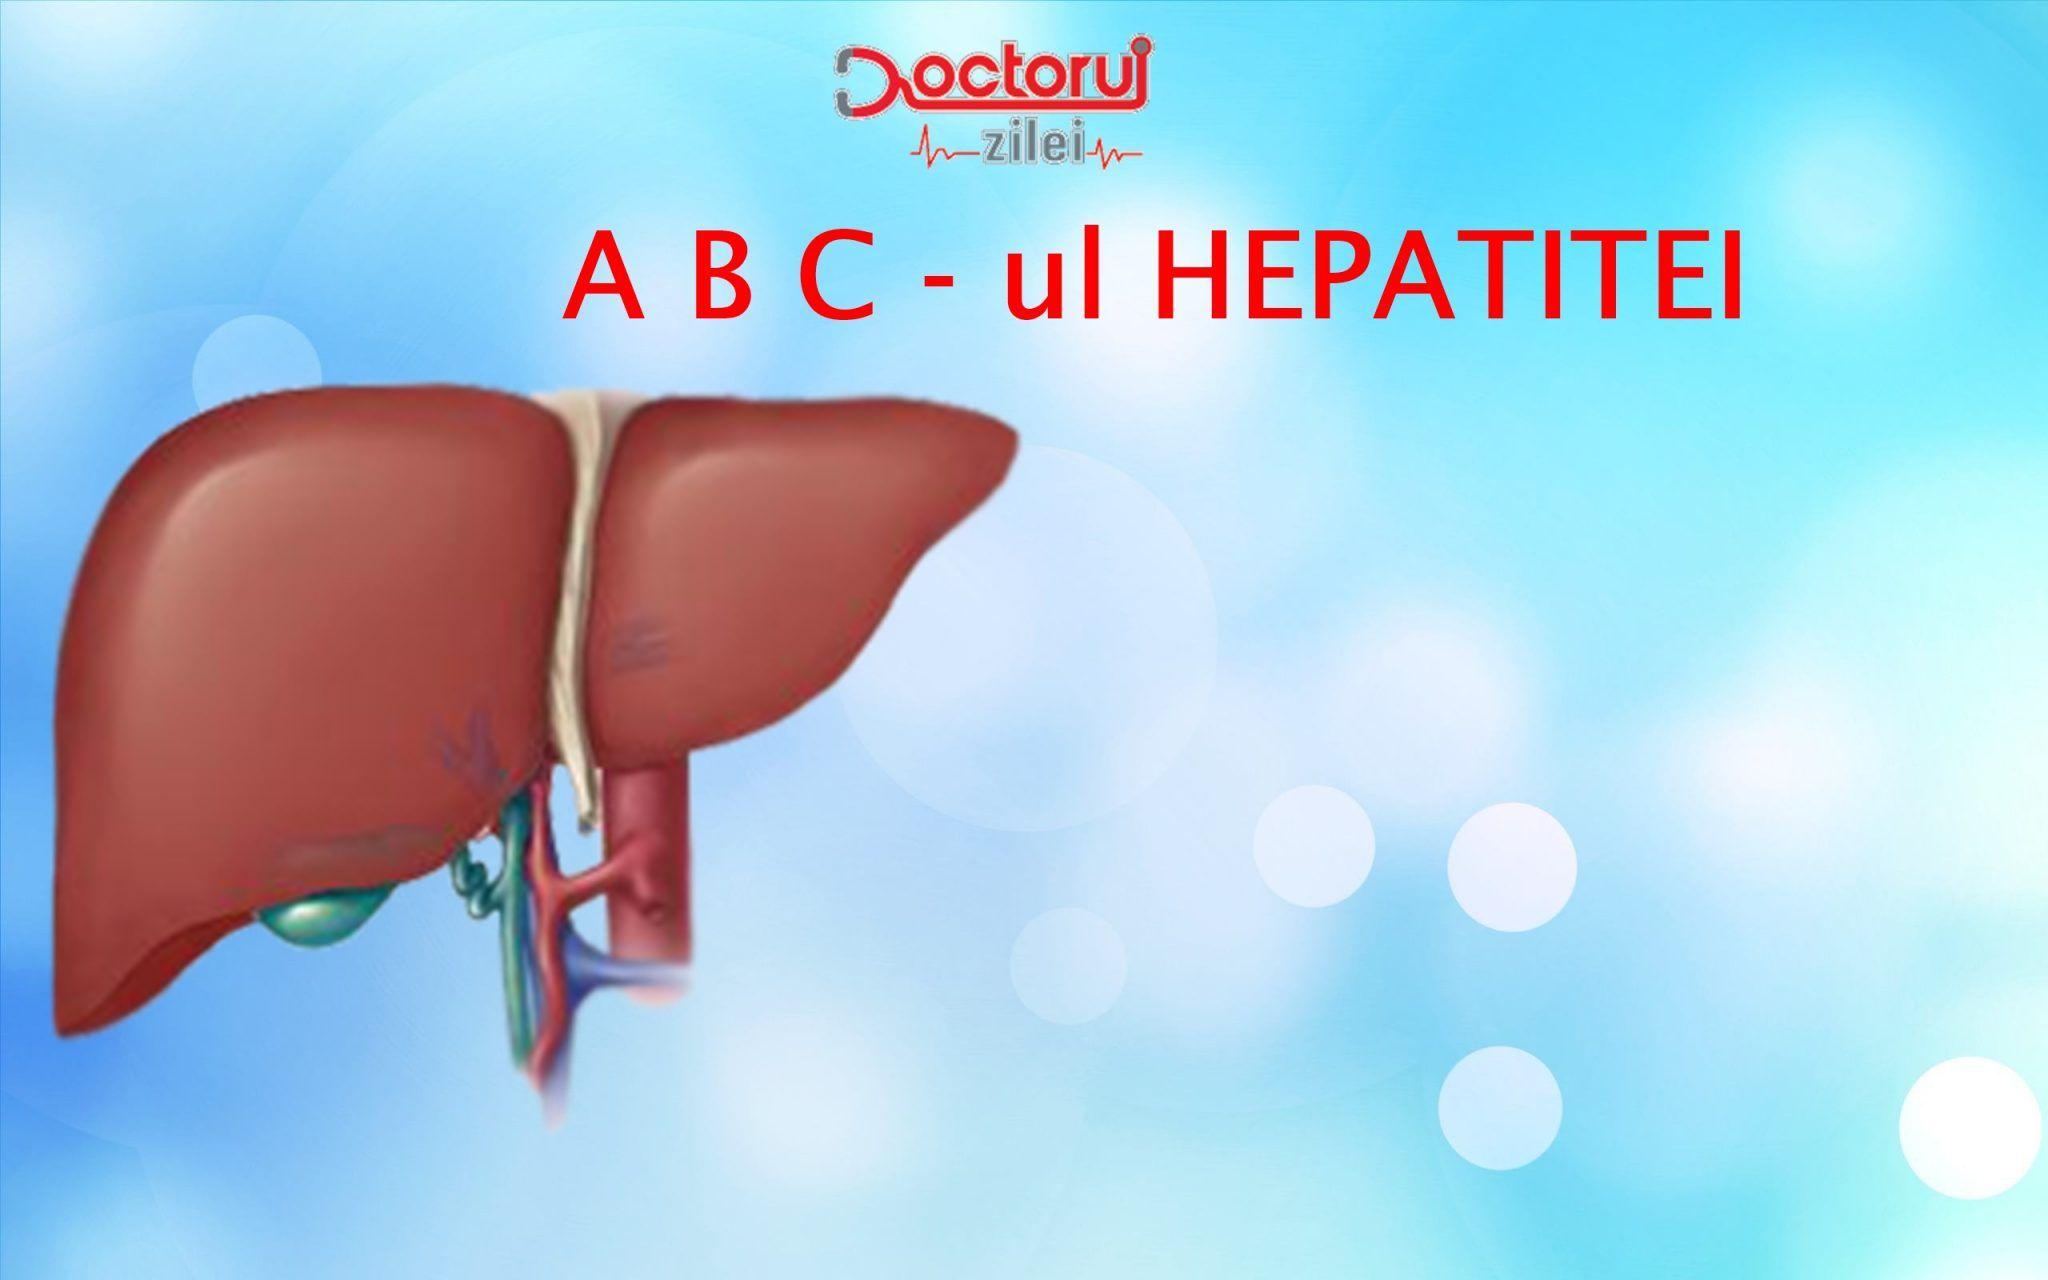 Hepatita de la A la C. Cum deosebim tipurile de hepatită și care este cea mai periculoasă